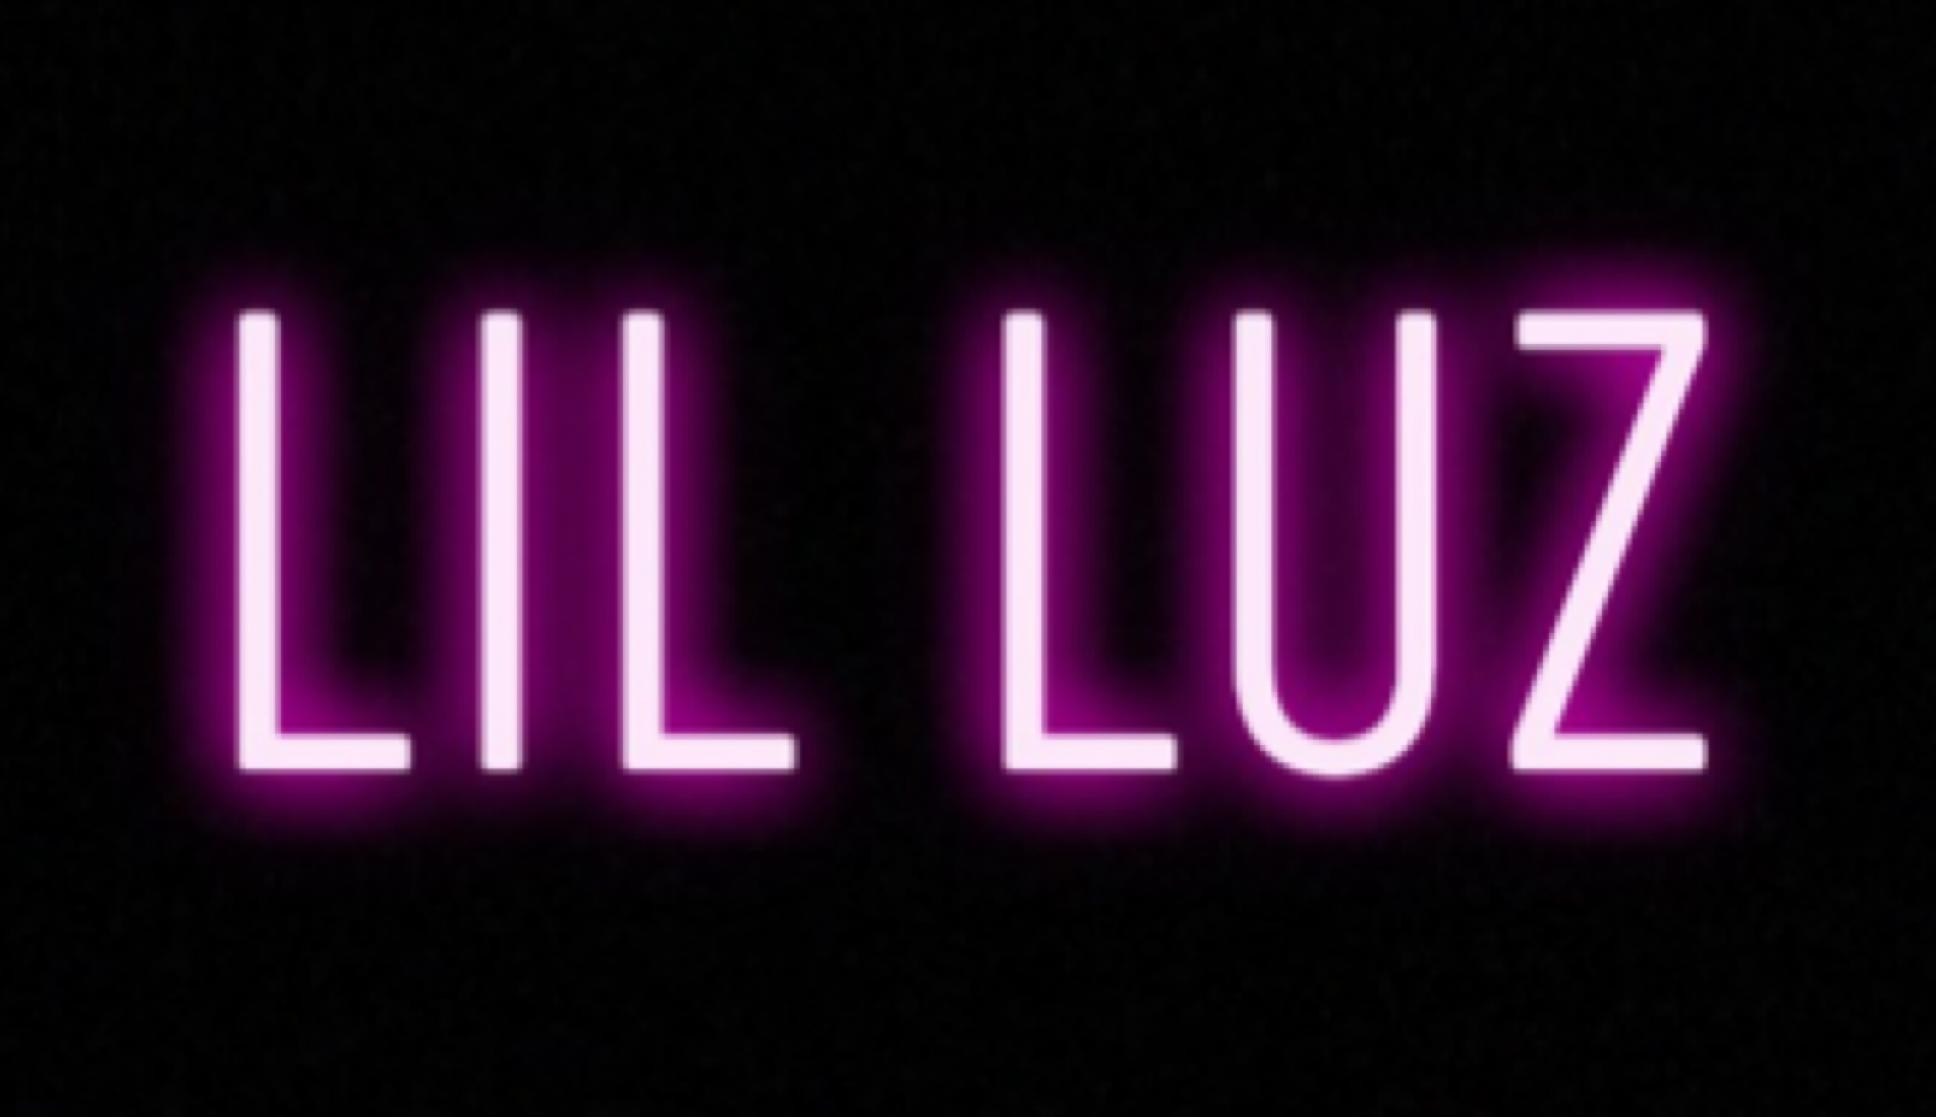 Lil Luz